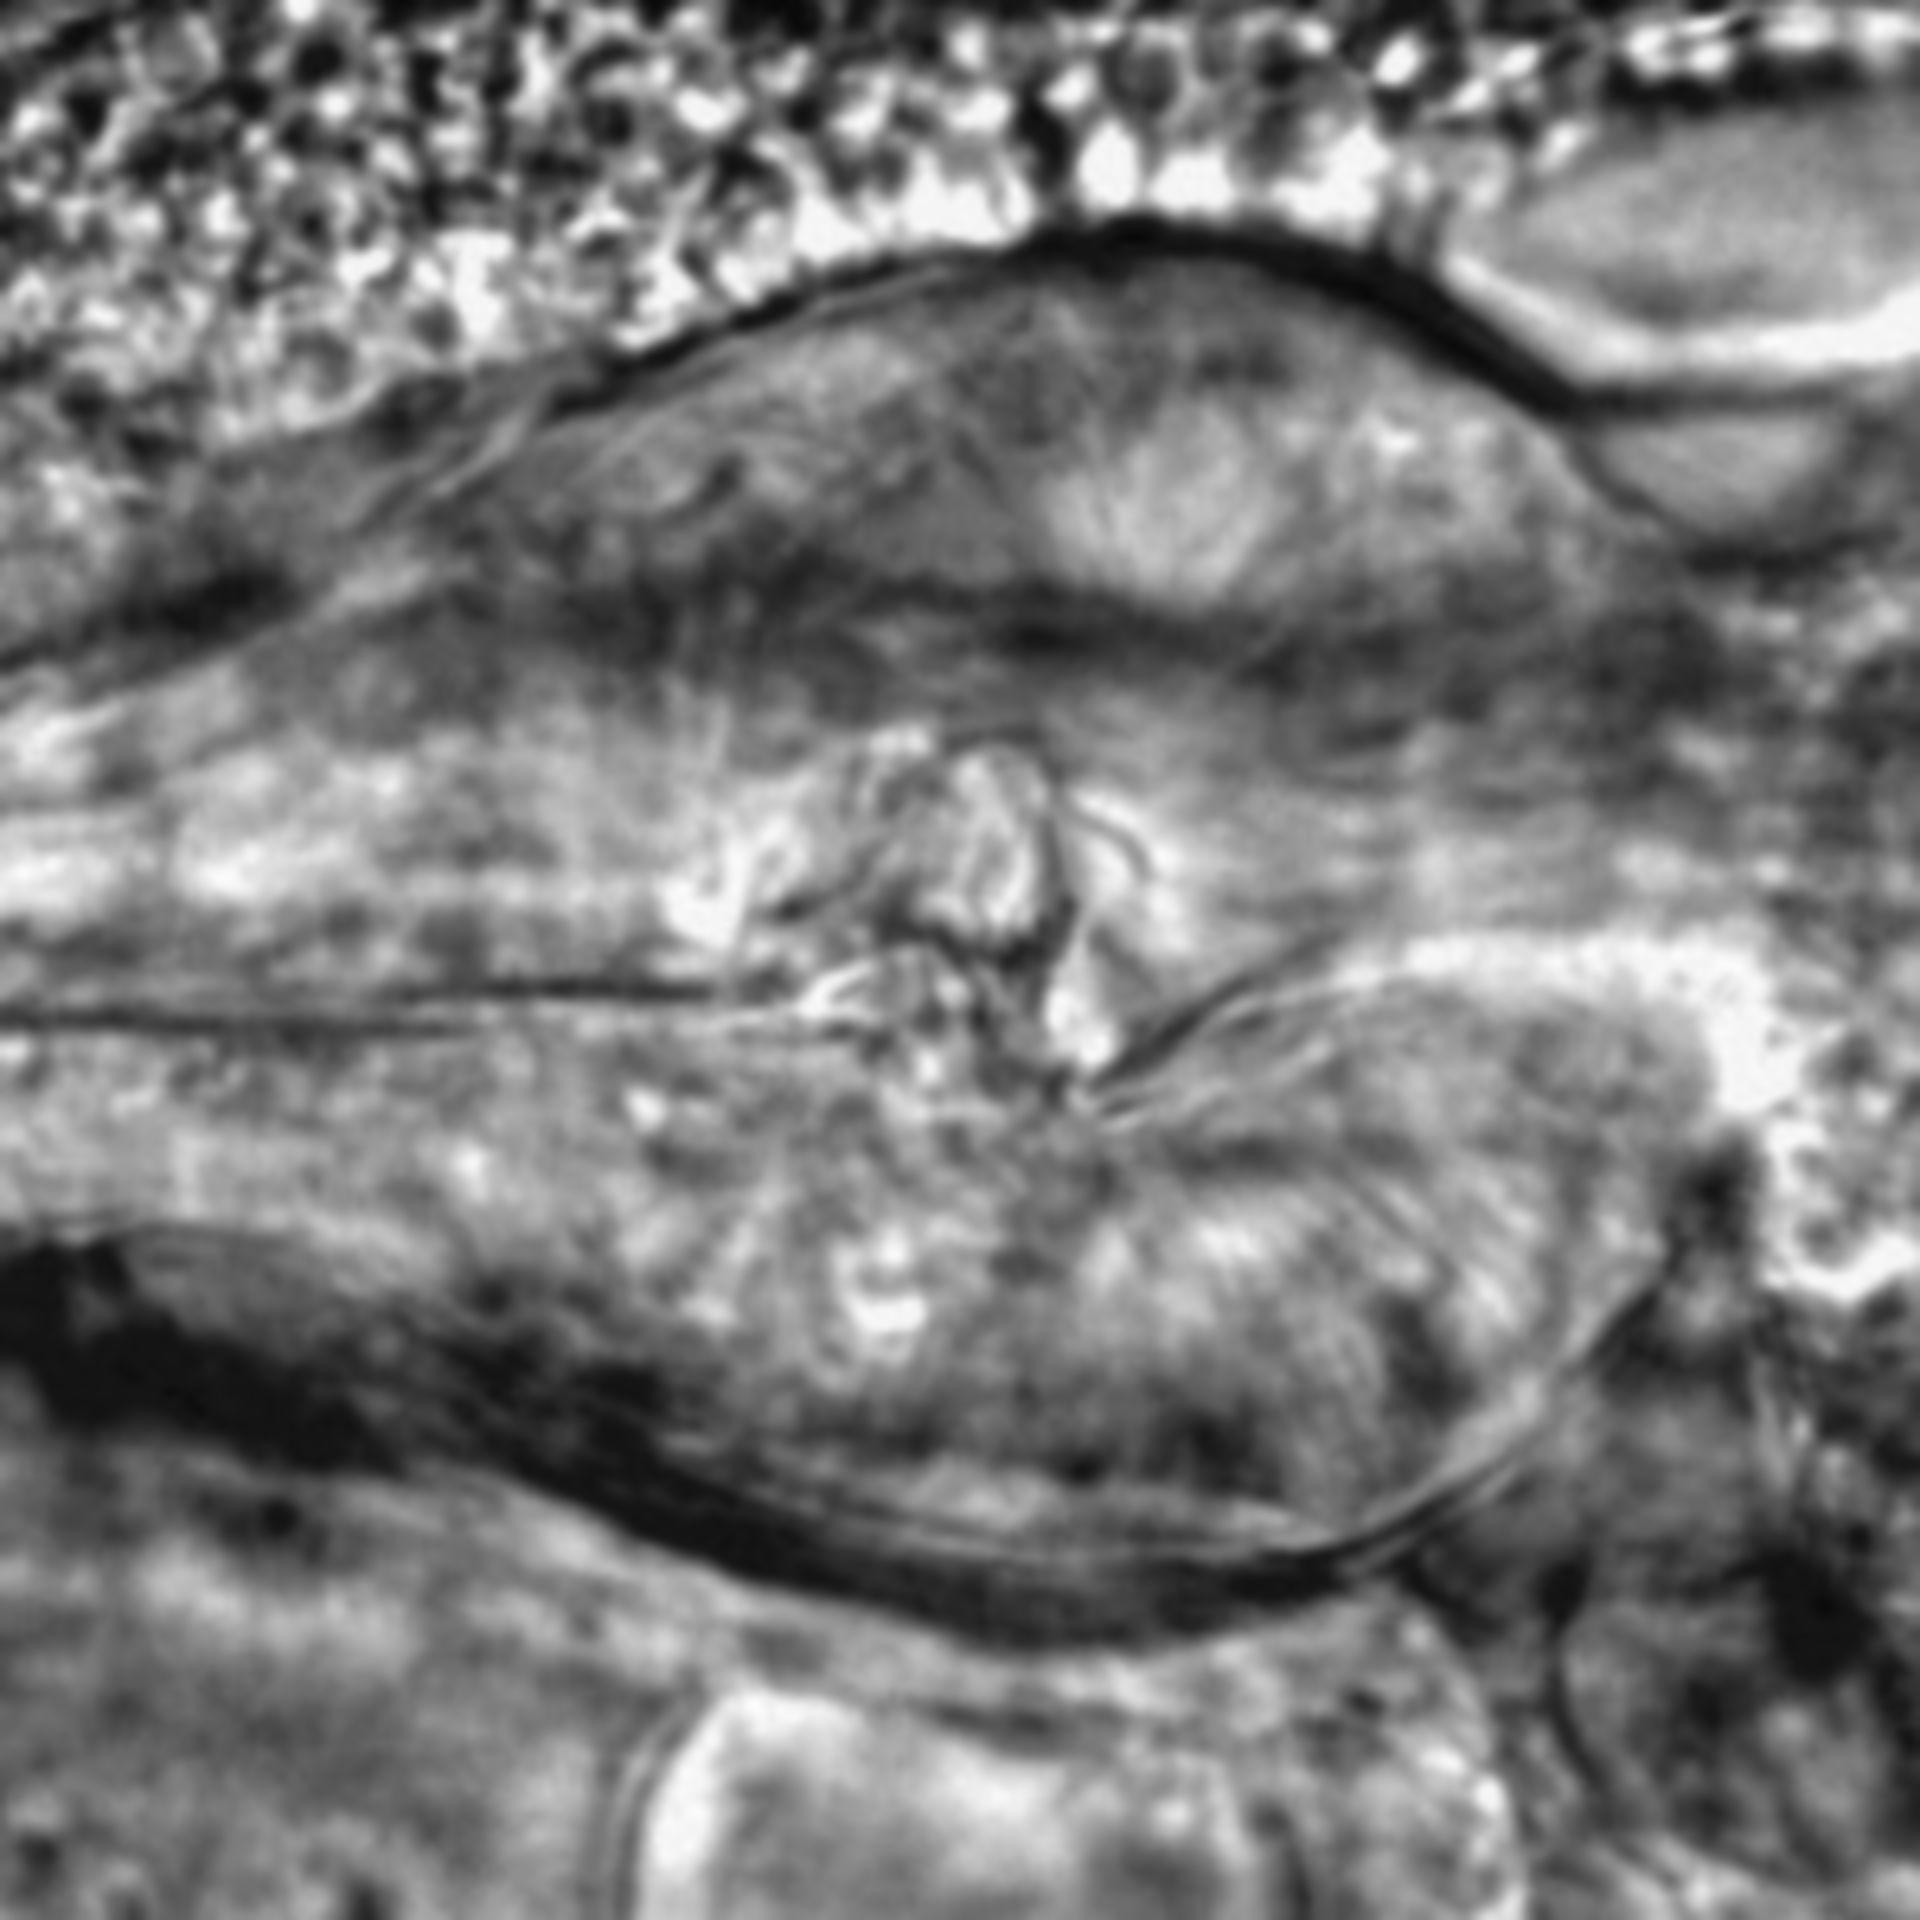 Caenorhabditis elegans - CIL:2186